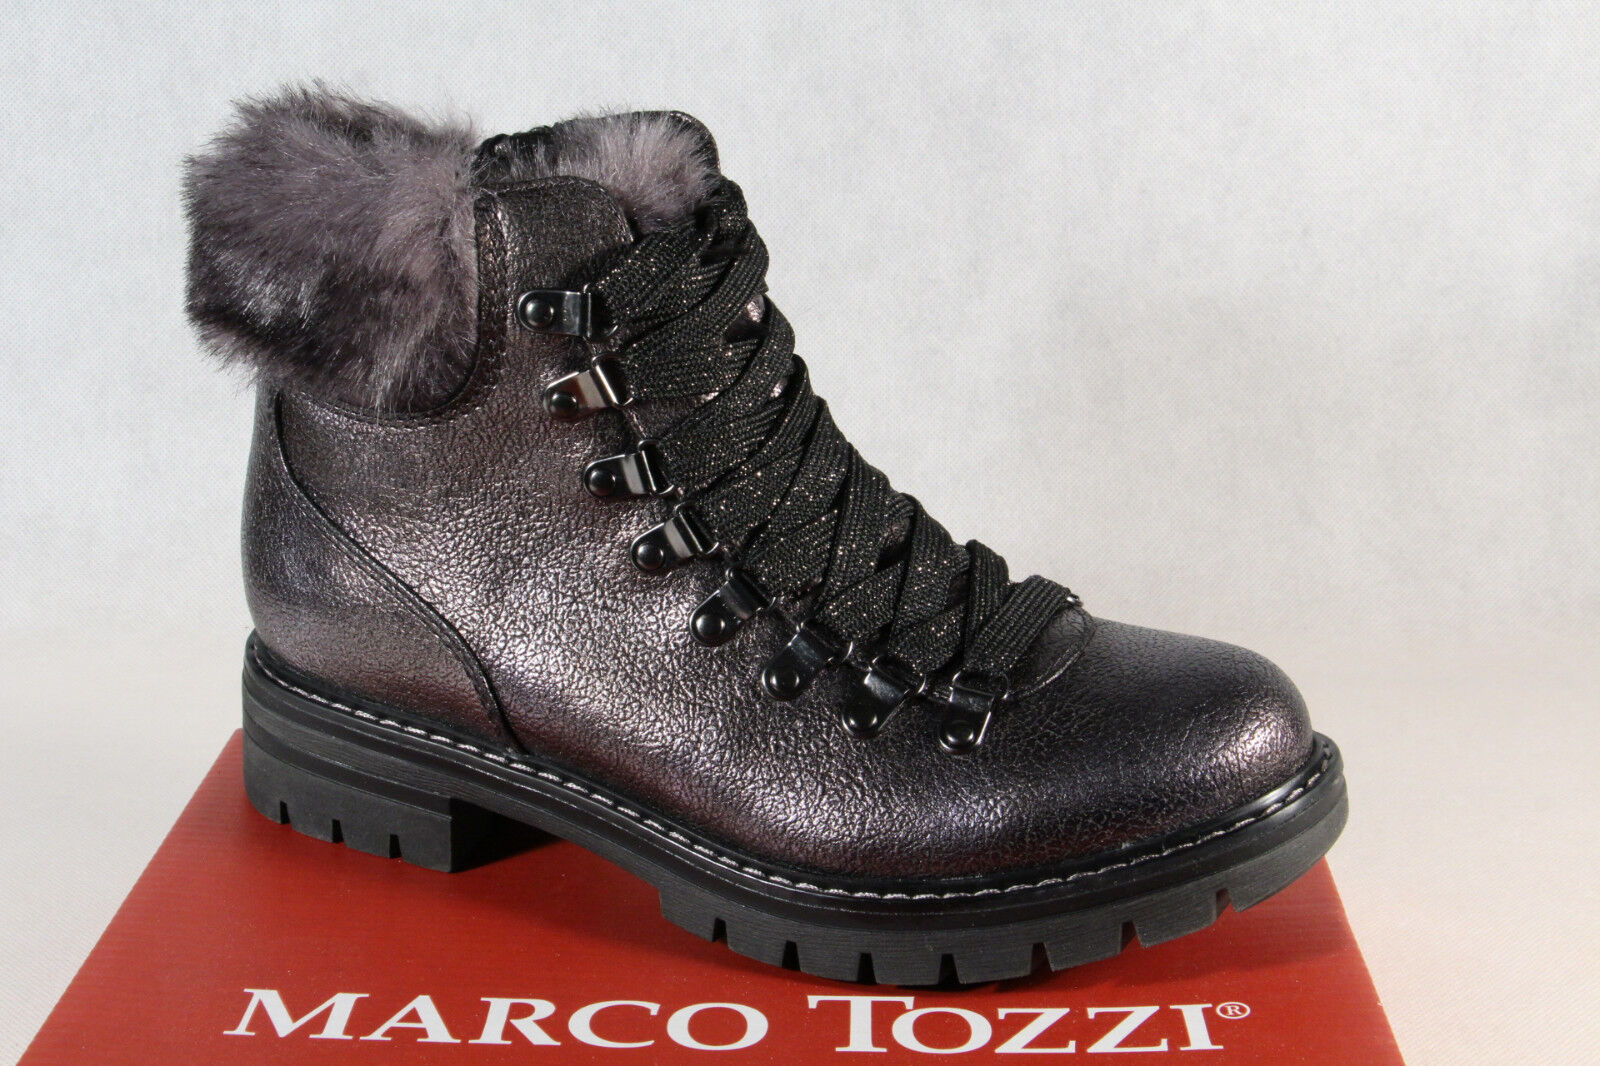 daa2ca72eddcc2 Marco Tozzi 26241 Damen Stiefel Stiefelette Boots Schnürstiefel grau NEU!